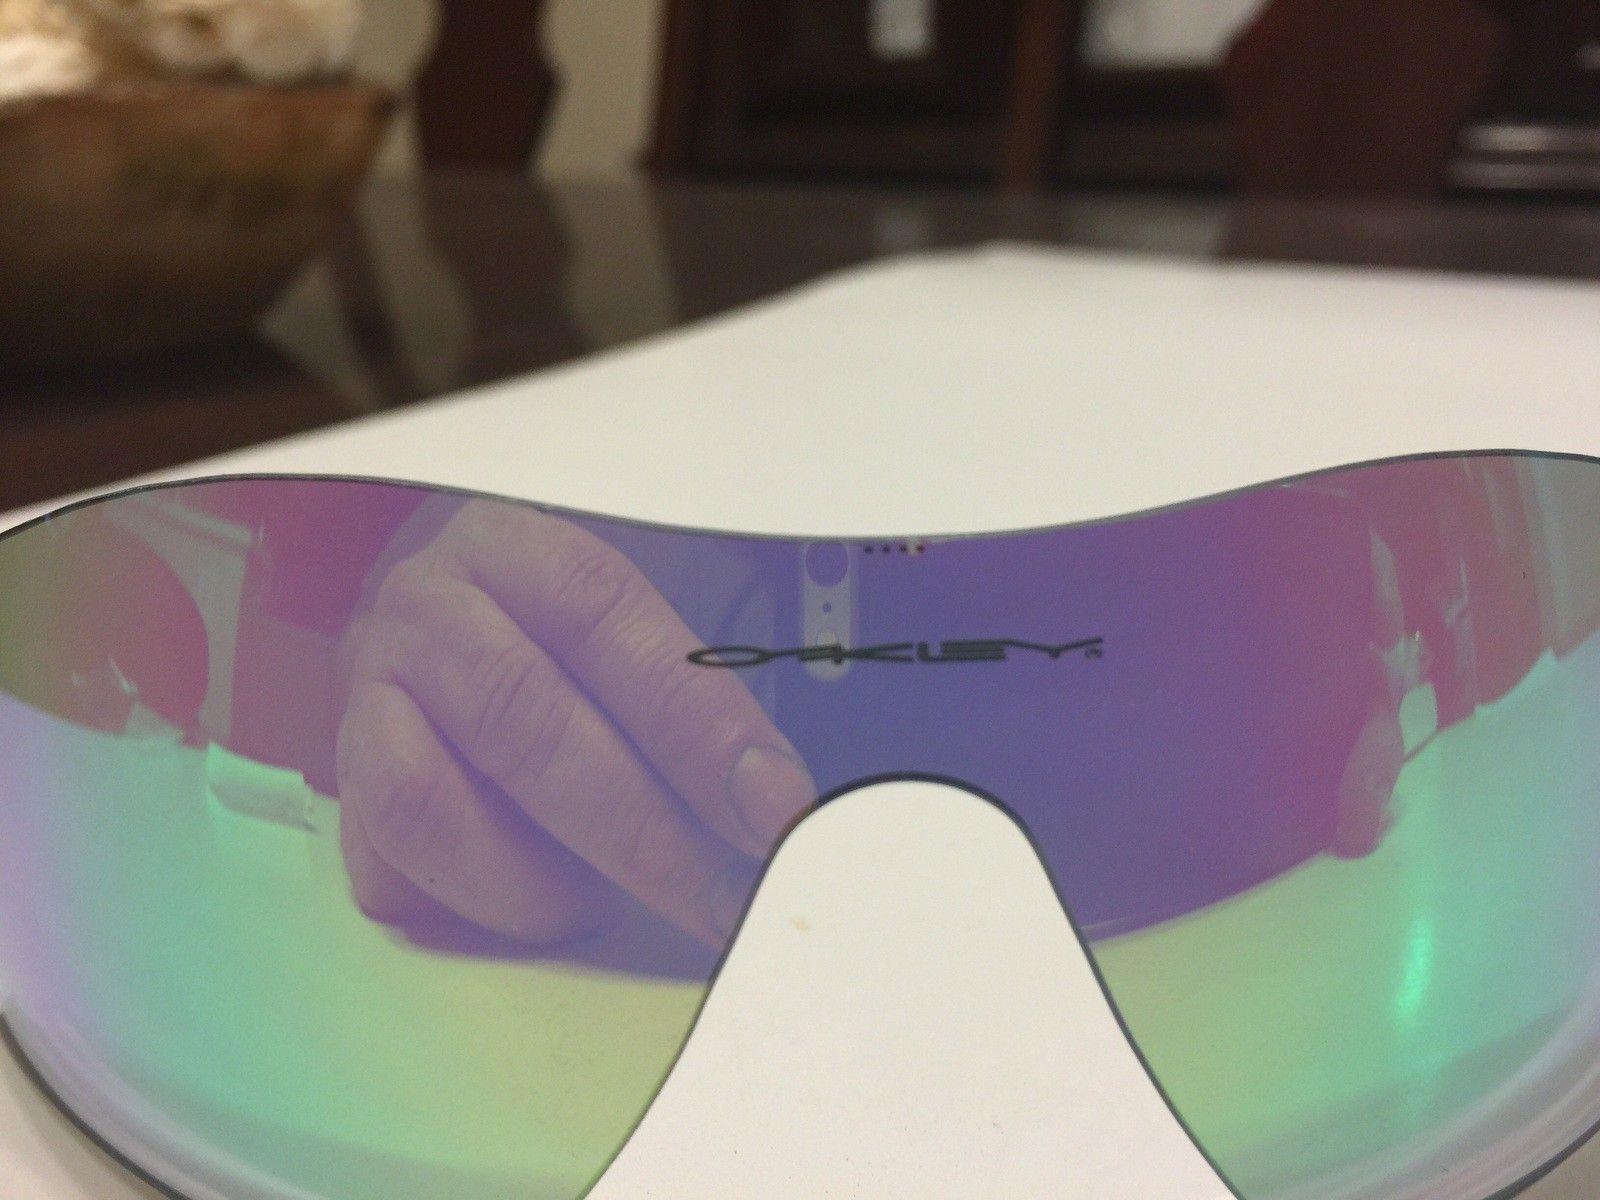 Radar lens for sale - image.jpg